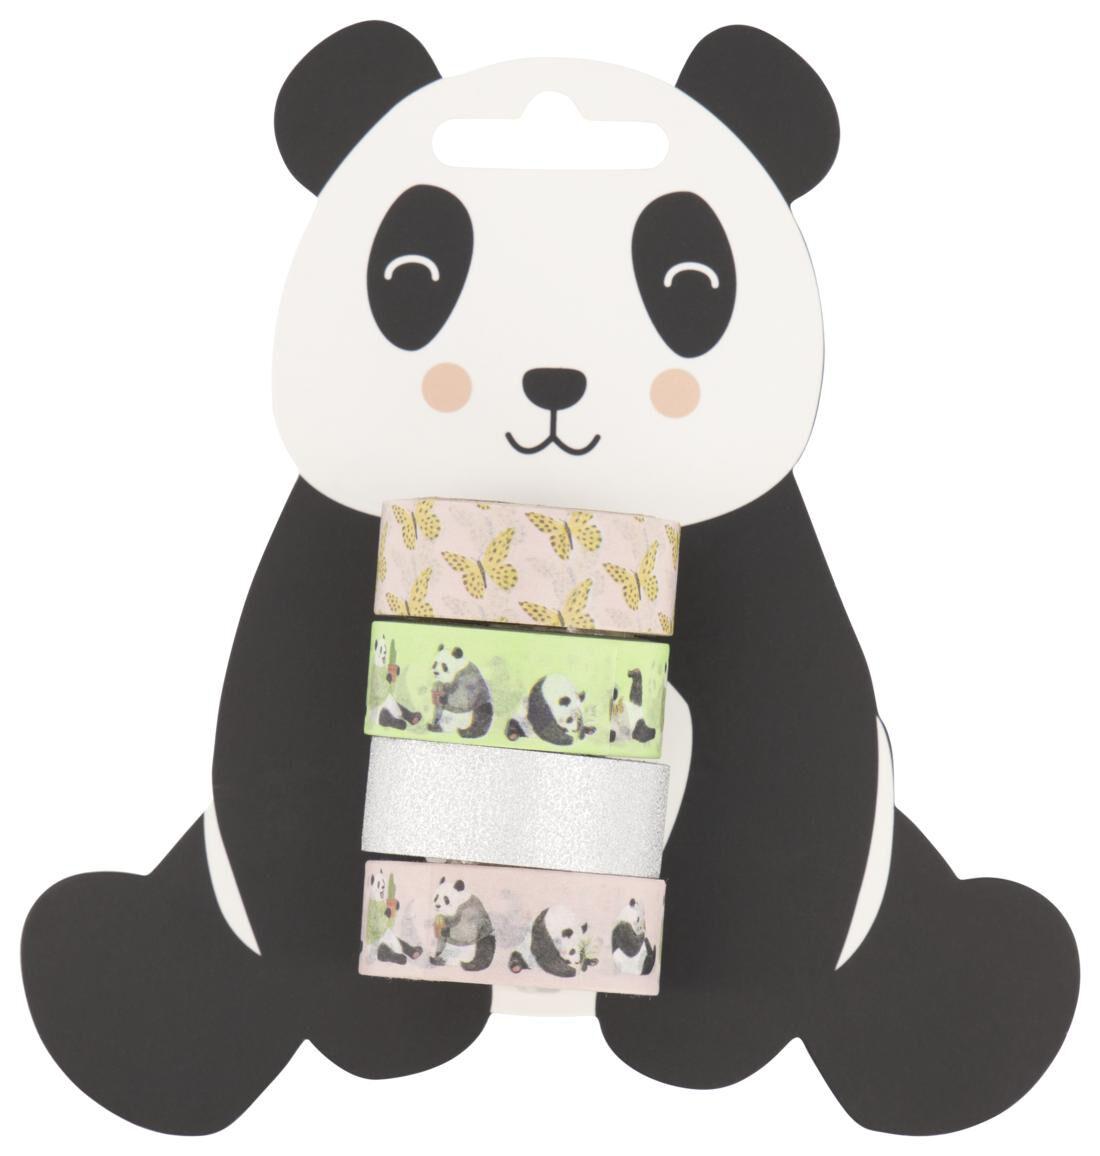 HEMA Washi Tape Panda 4 Stuks